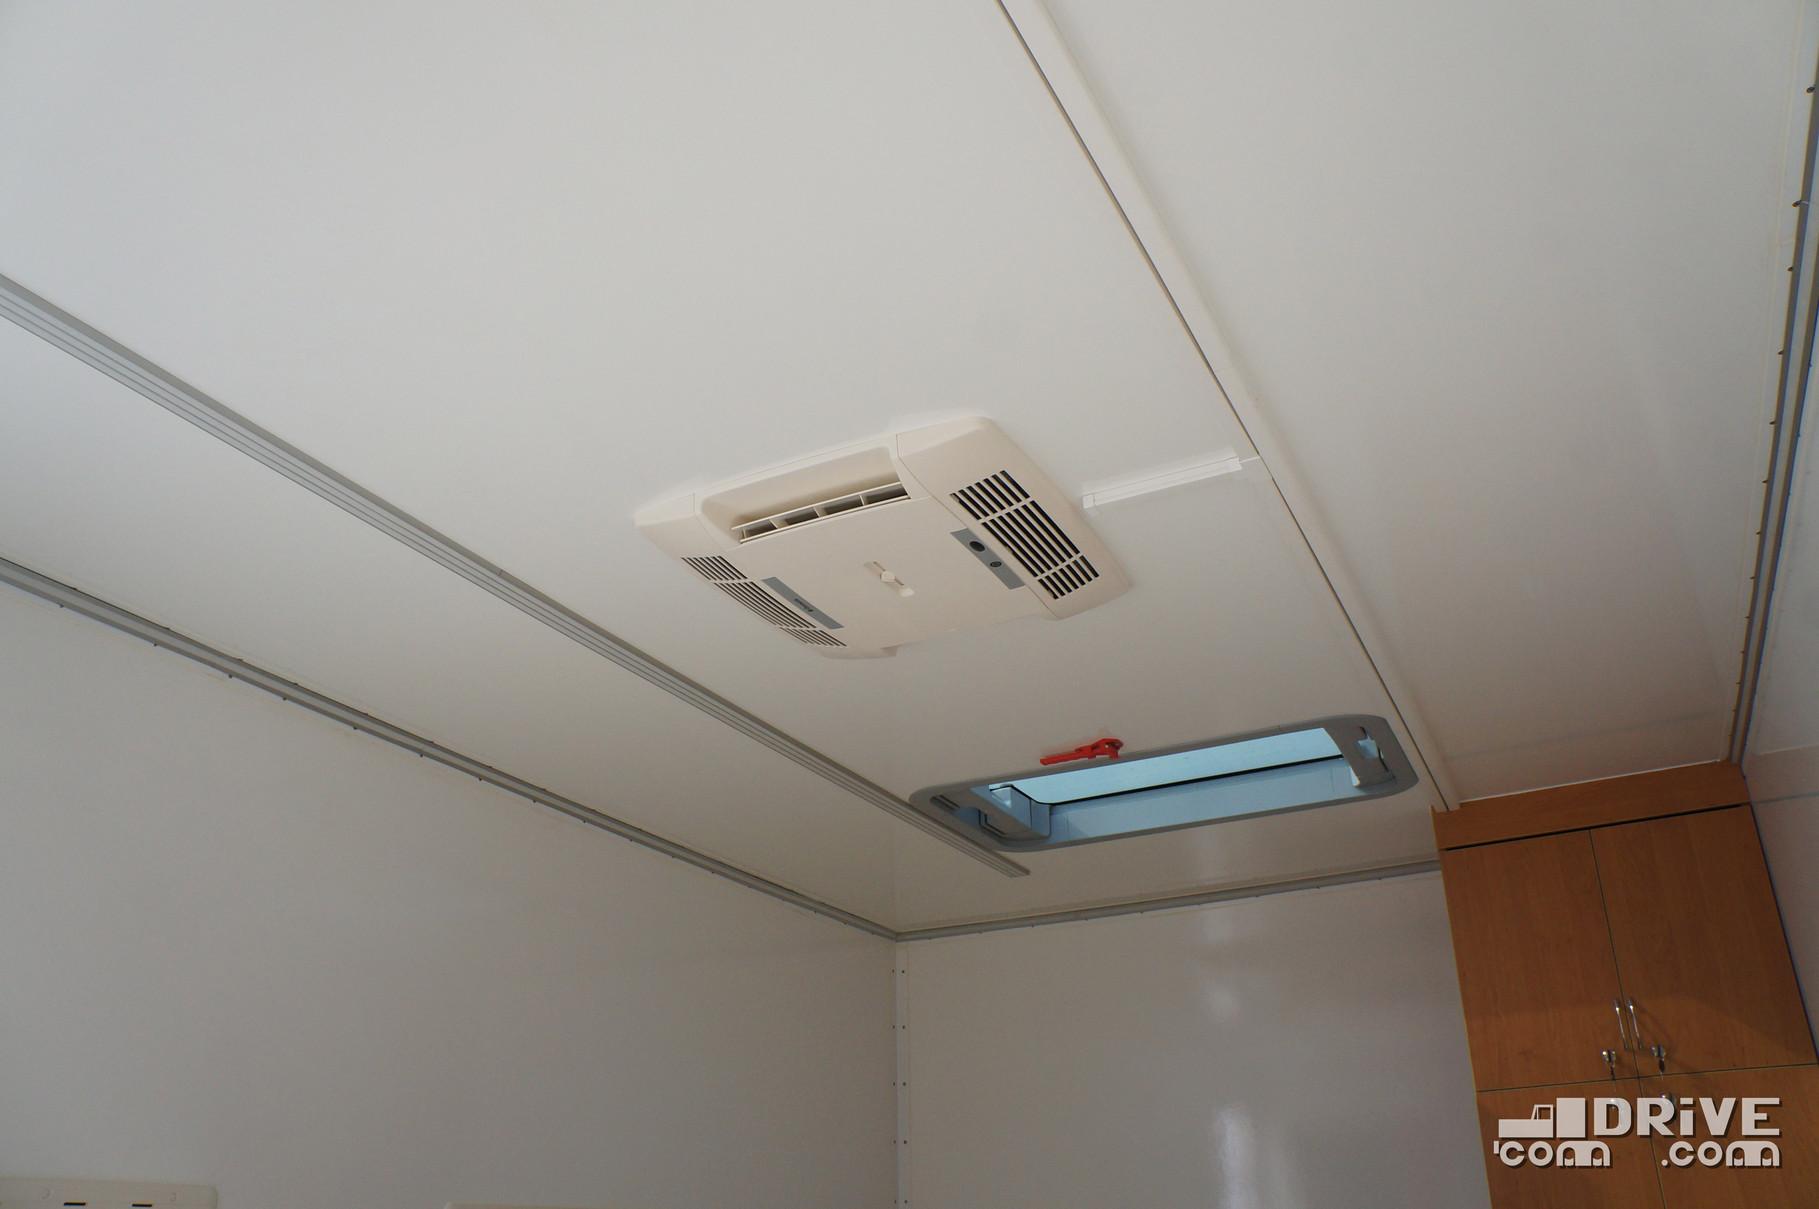 За климат внутри переговорной части отвечает кондиционер. За естественное освещение - 4 окна (по два на борт) и прозрачный люк на крыше